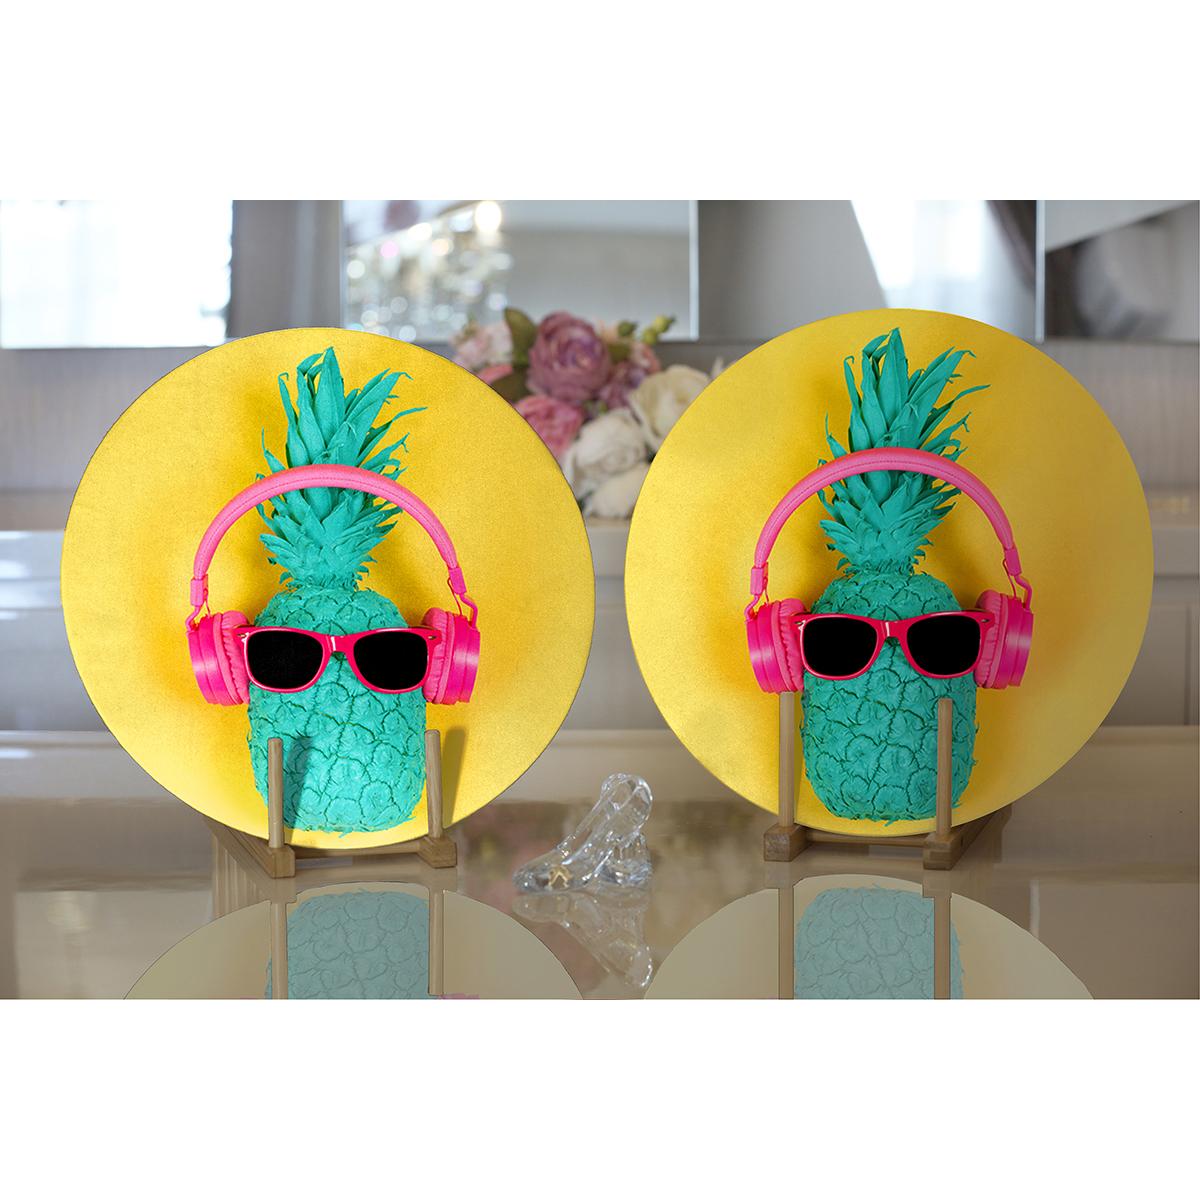 Realhomes Sarı Zeminli Ananas Detaylı Modern 2'li Yuvarlak Servis Altlığı - Supla Realhomes